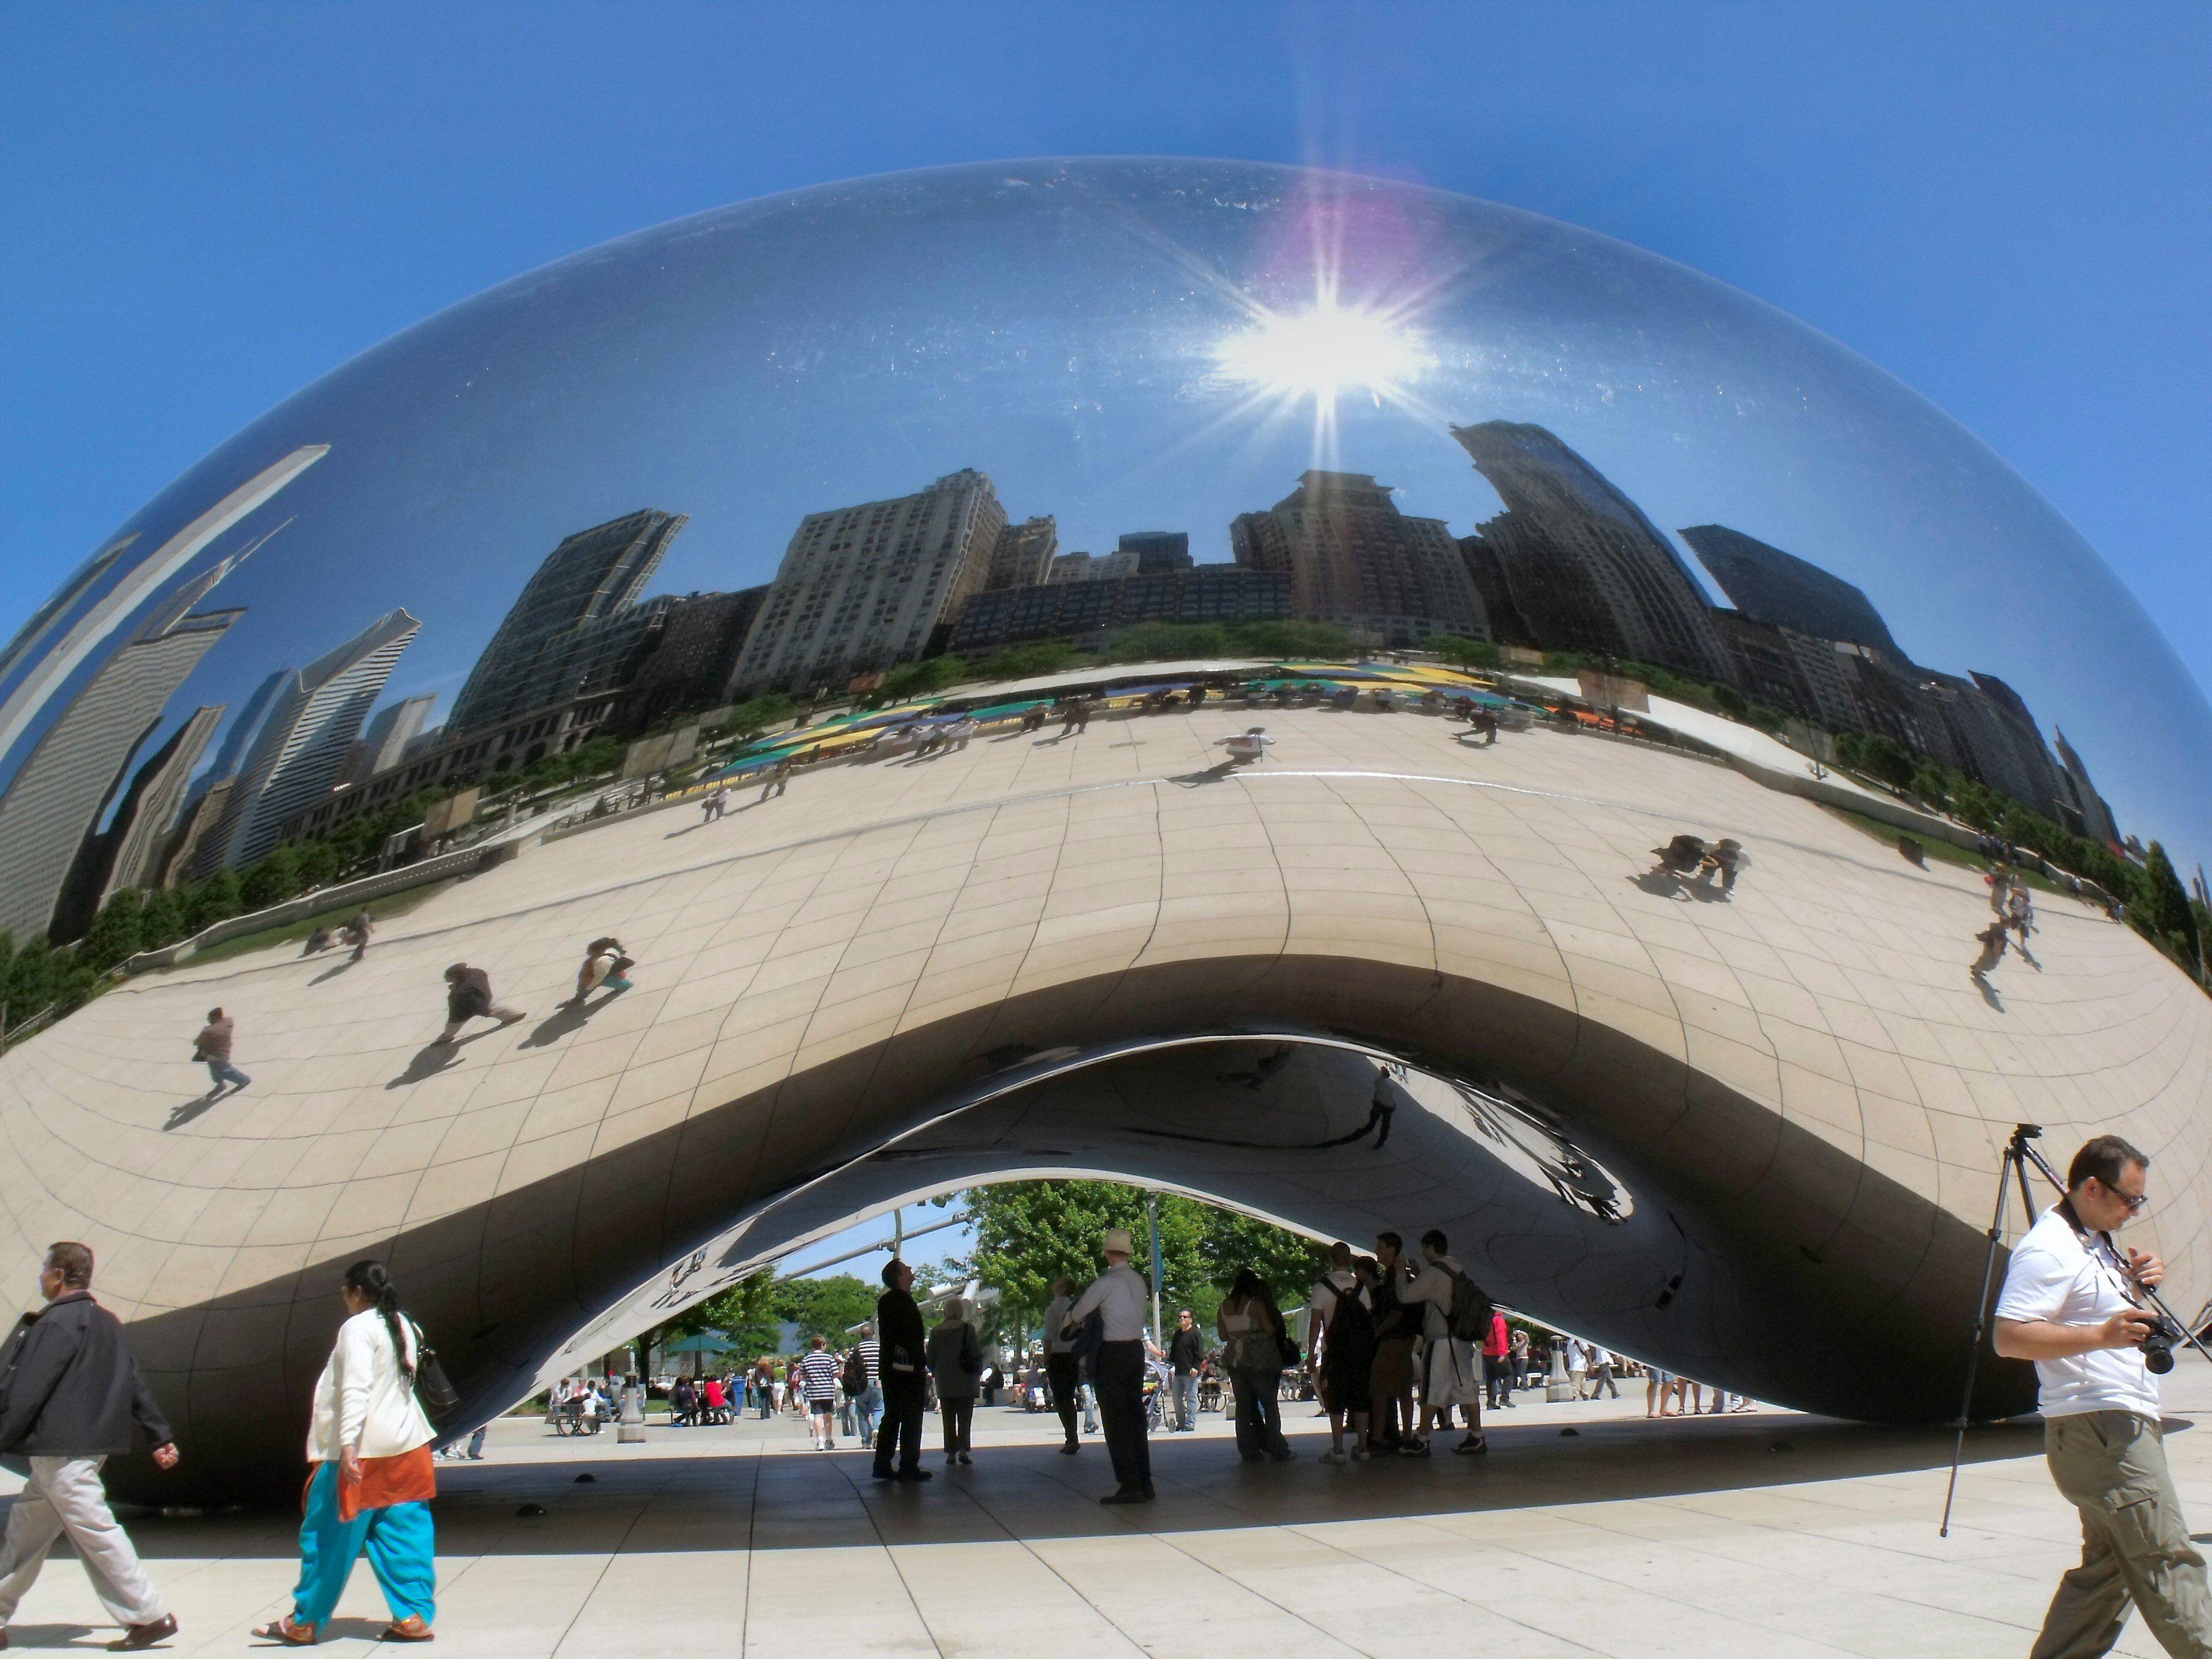 The Bean, Millenium Park, Chicago, June 2009